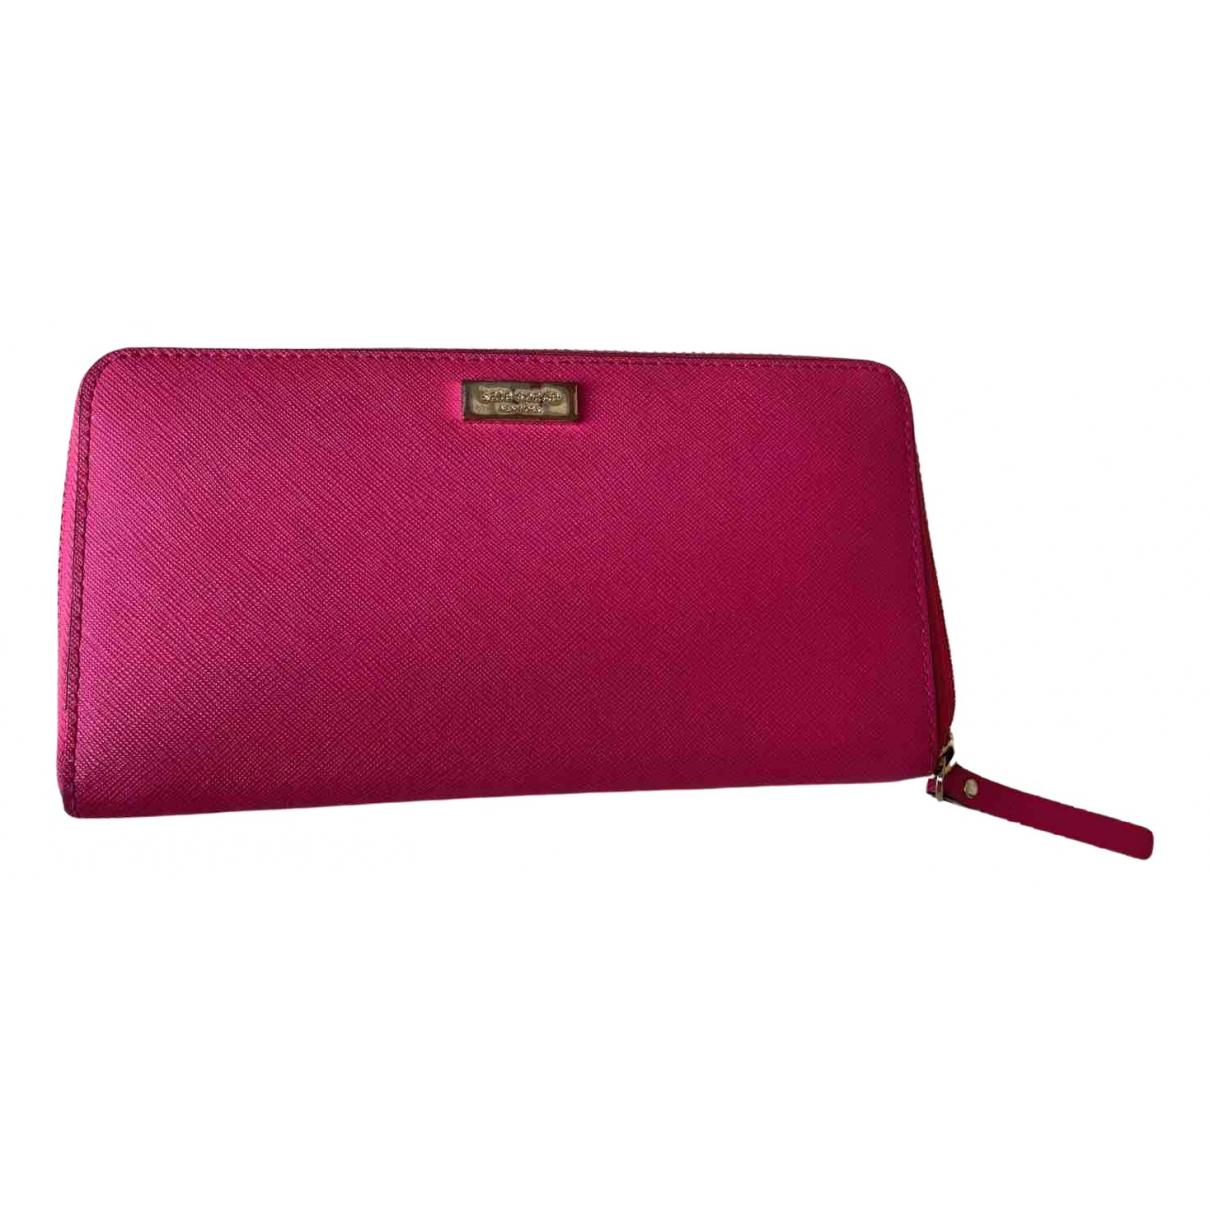 Kate Spade - Portefeuille   pour femme en cuir - rose